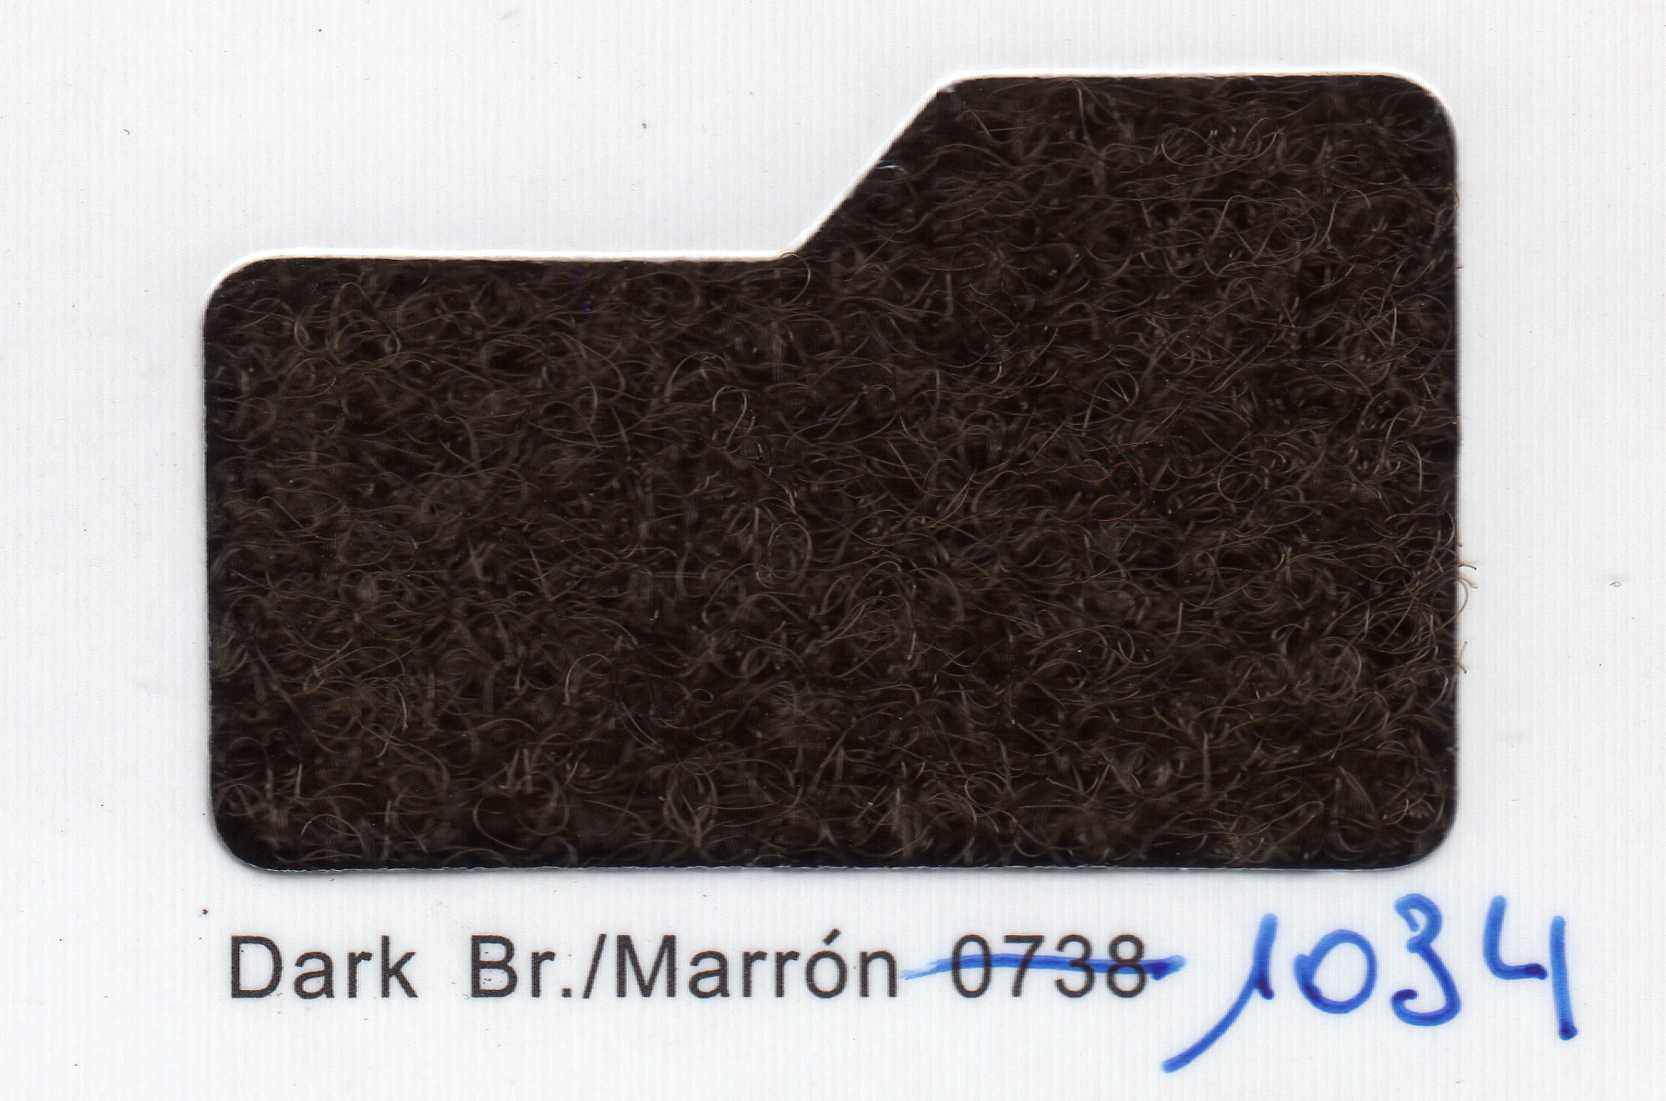 Cinta de cierre Velcro-Veraco 20mm Marrón 1034 (Gancho).